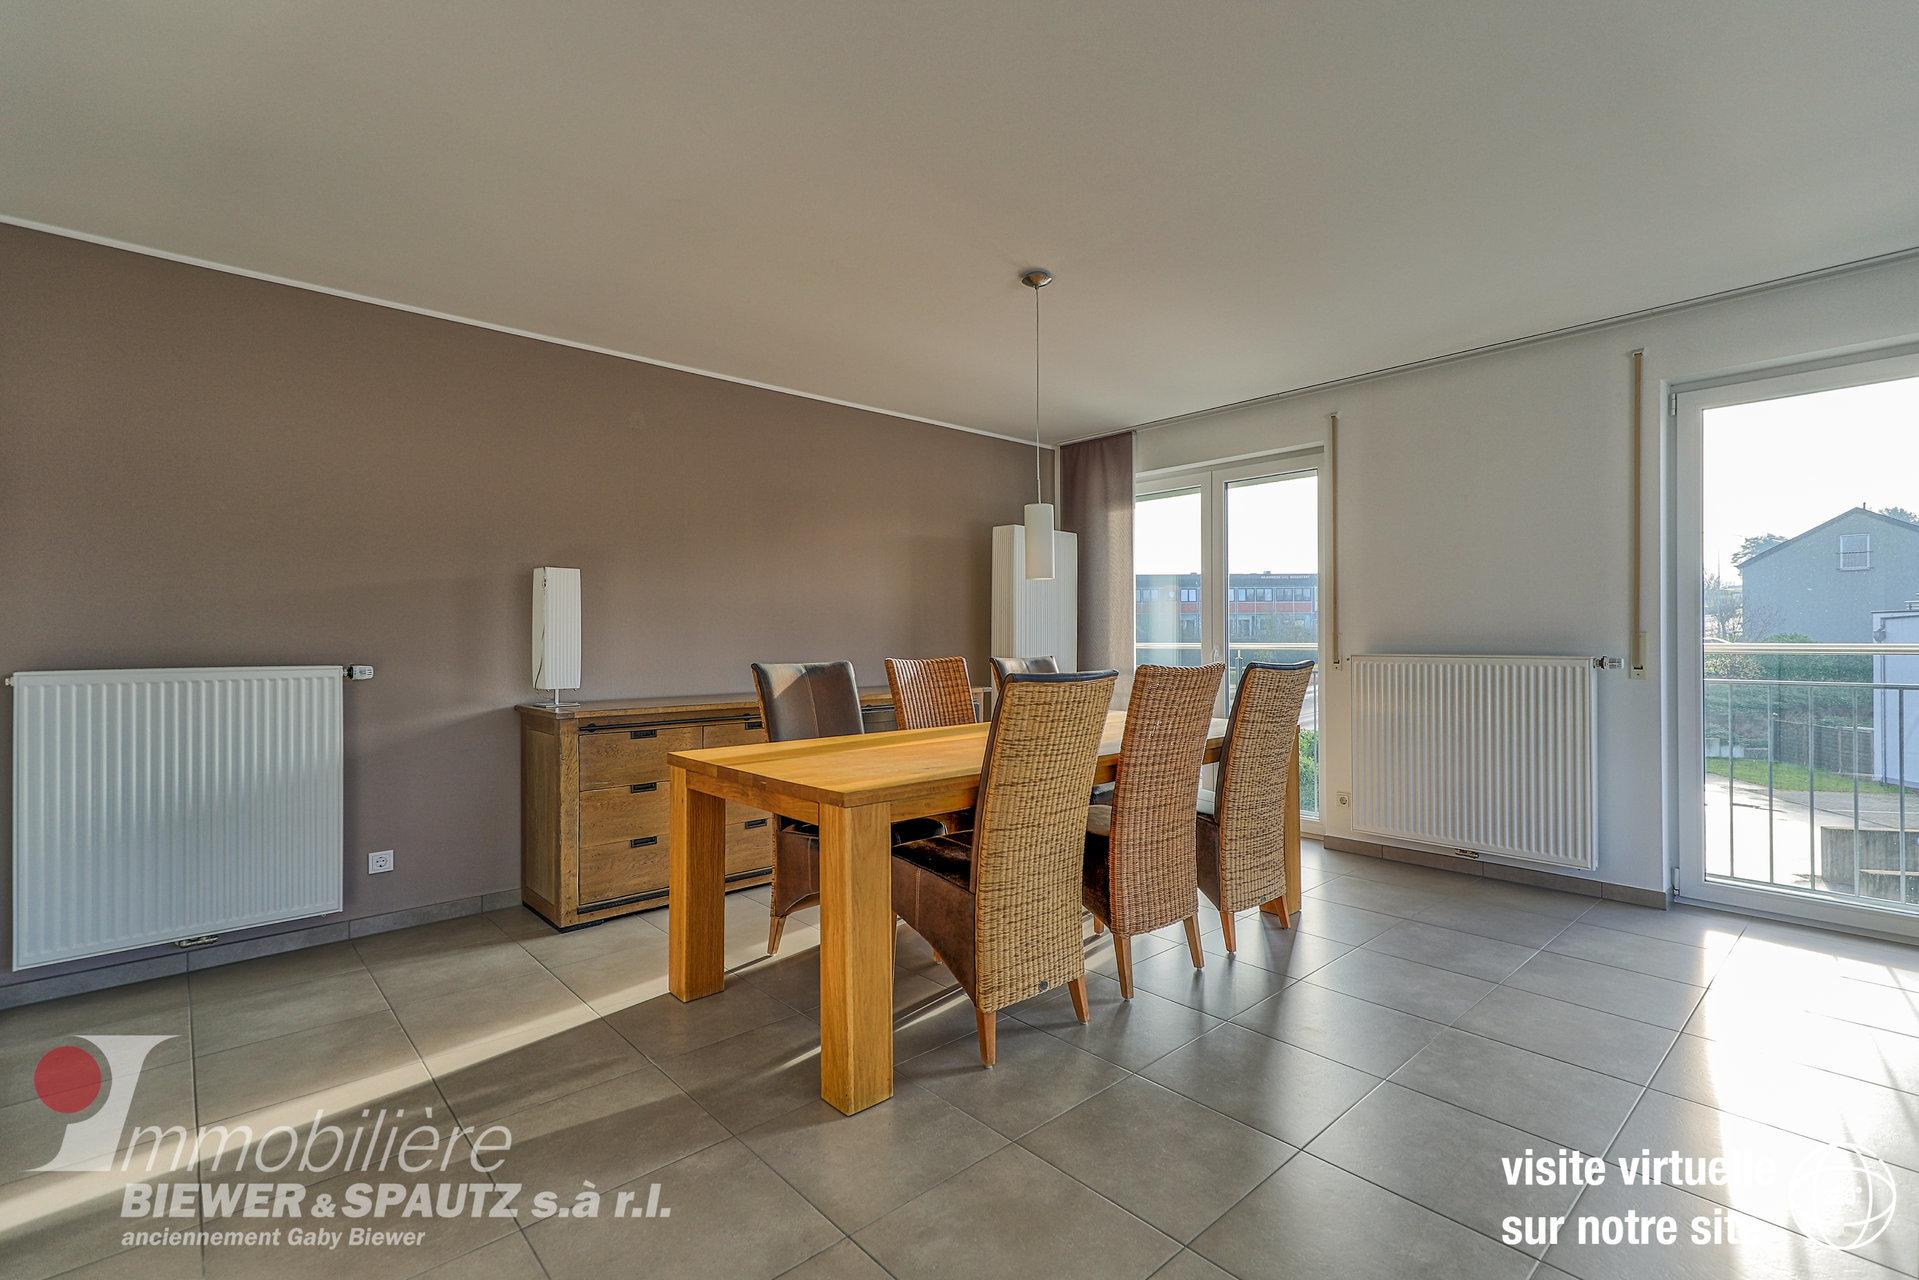 ZU VERMIETEN - Wohnung mit 2 Schlafzimmern in Junglinster